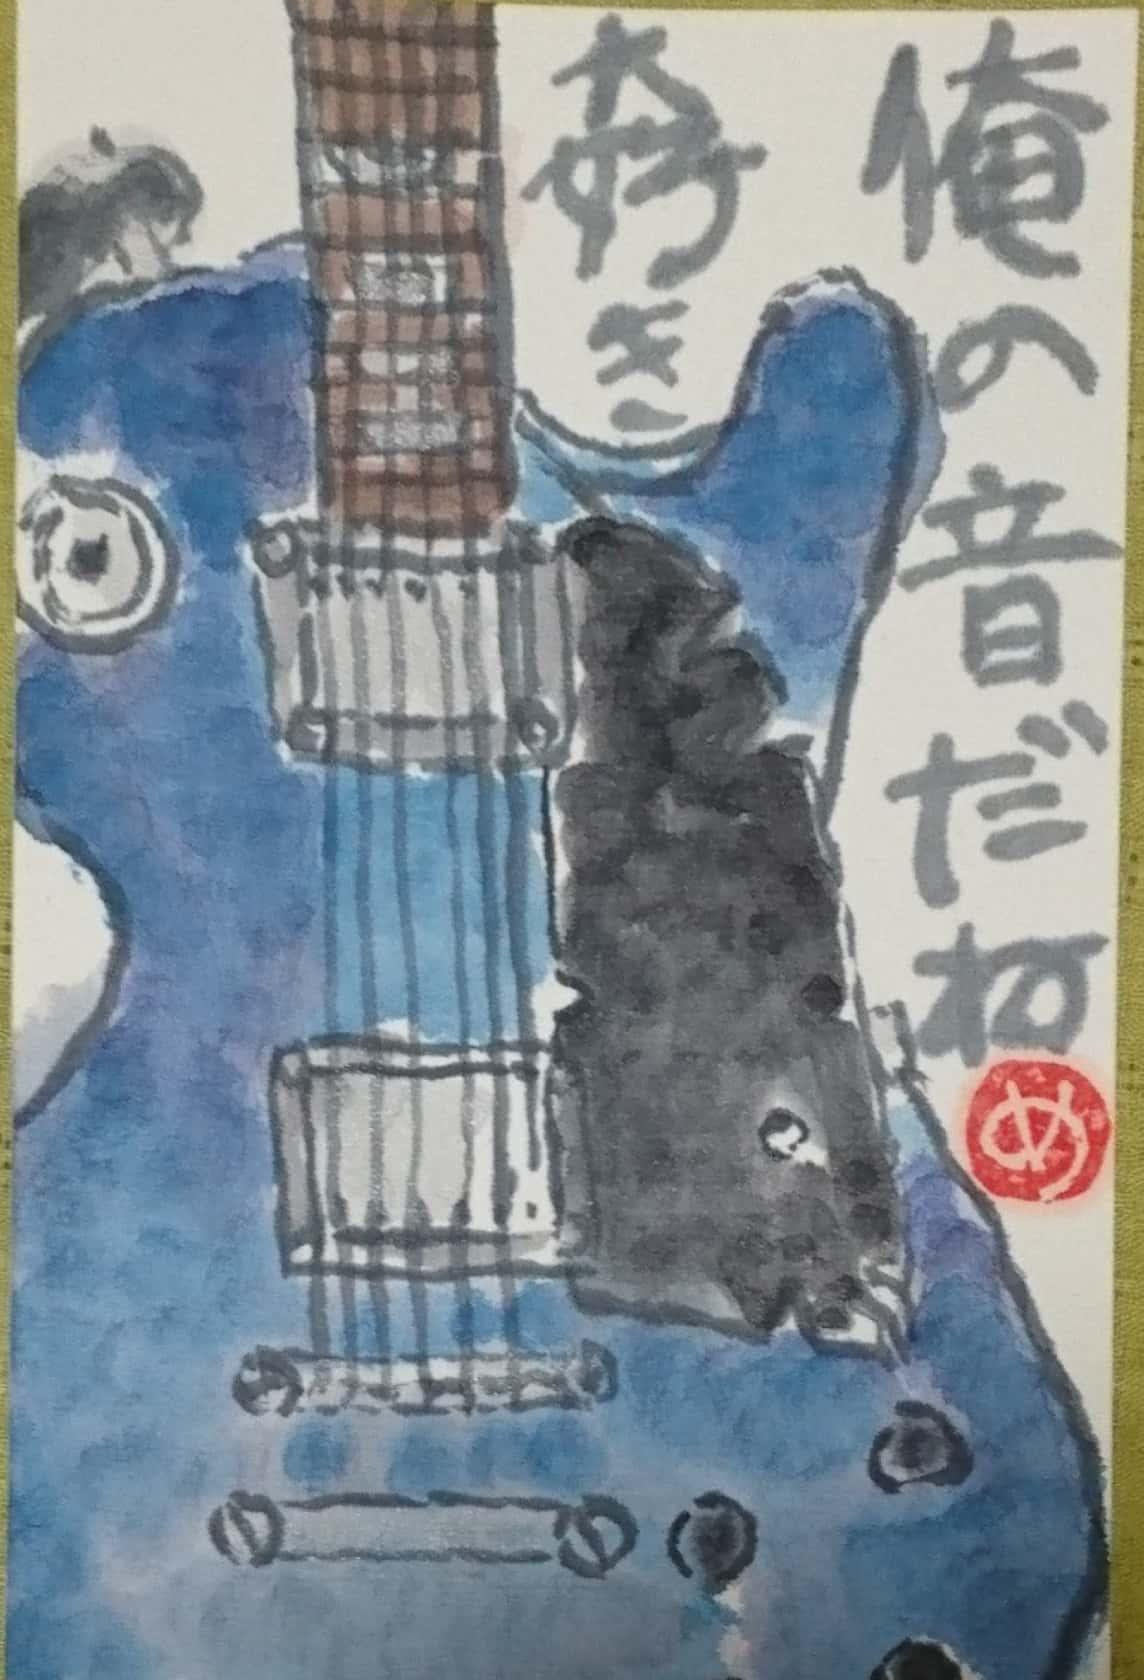 ゆーちゃんのギター